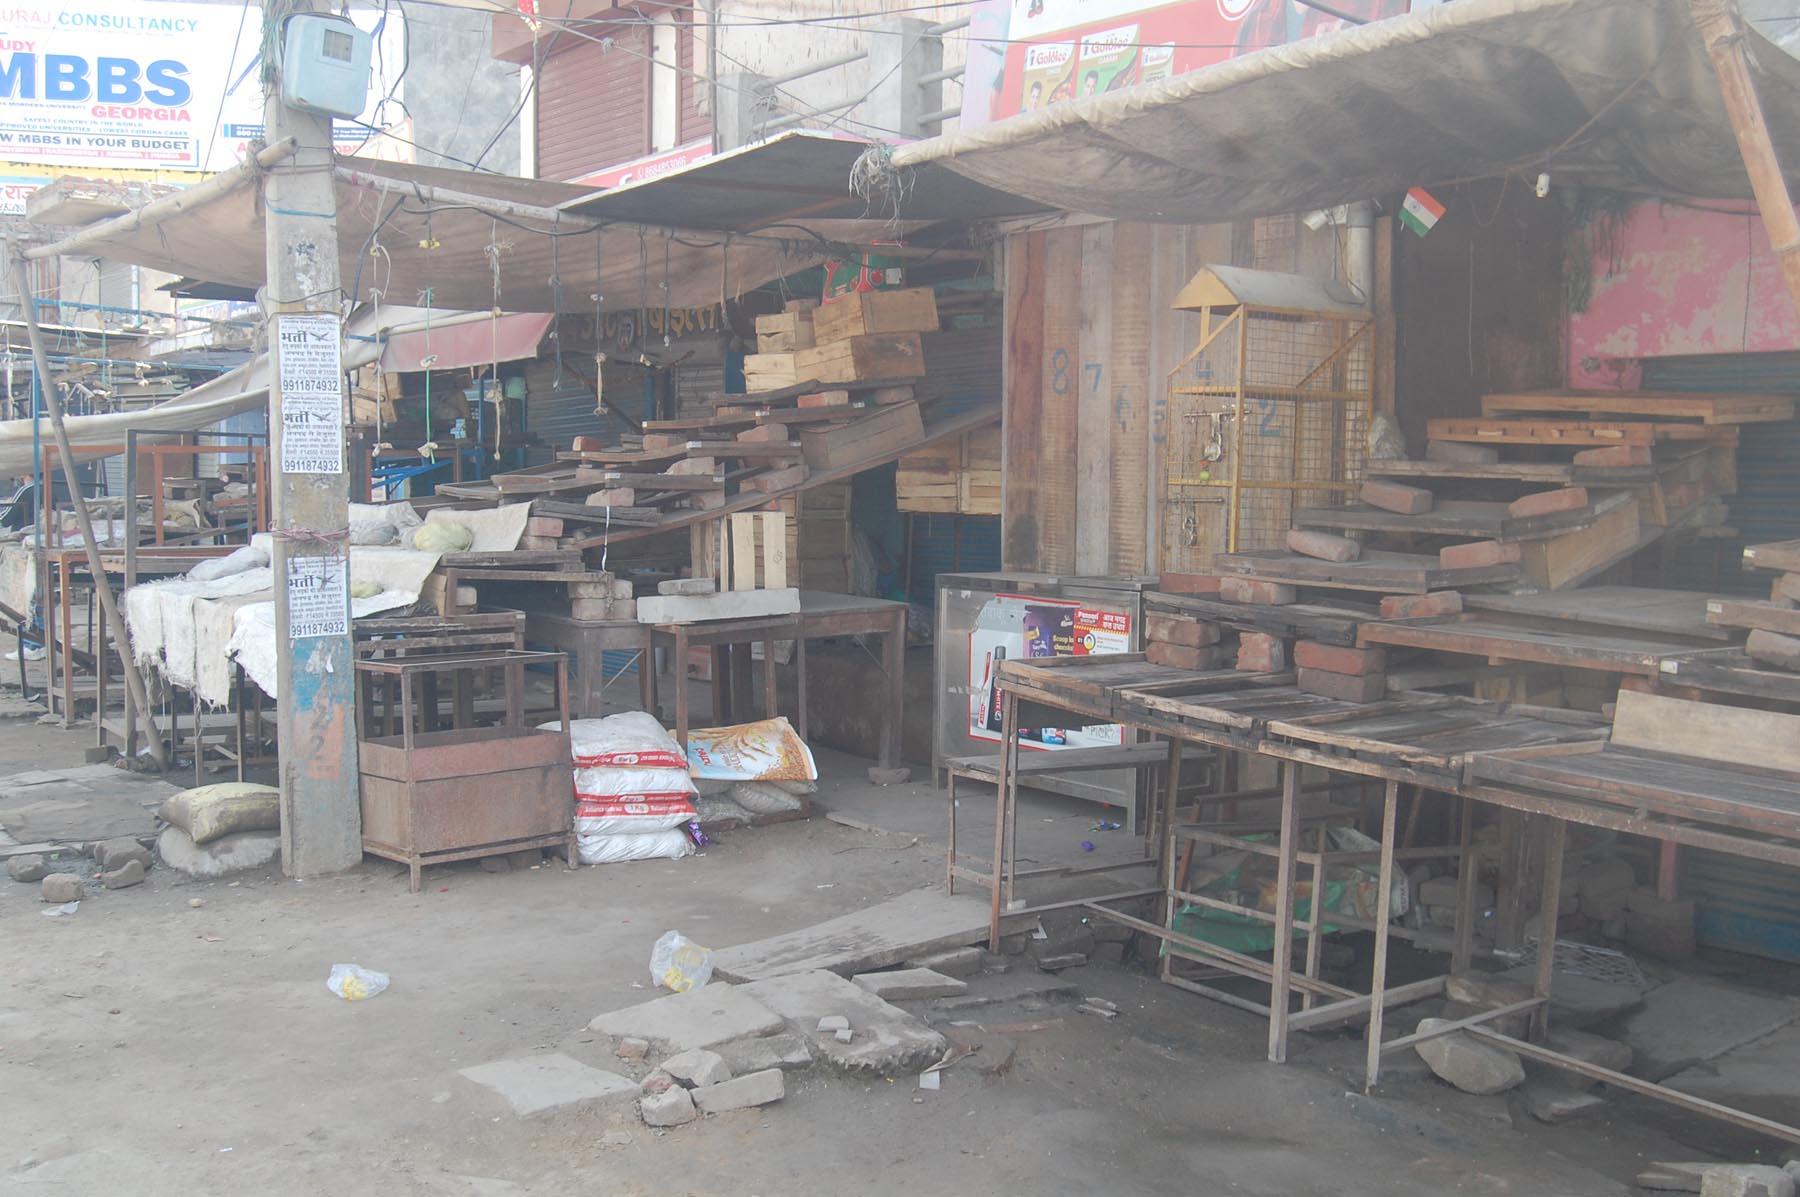 जिला का नाम बदलने को लेकर नारनौल, नांगल चौधरी, अटेली एवं निजामपुर में रहा अभूतपूर्व बंद